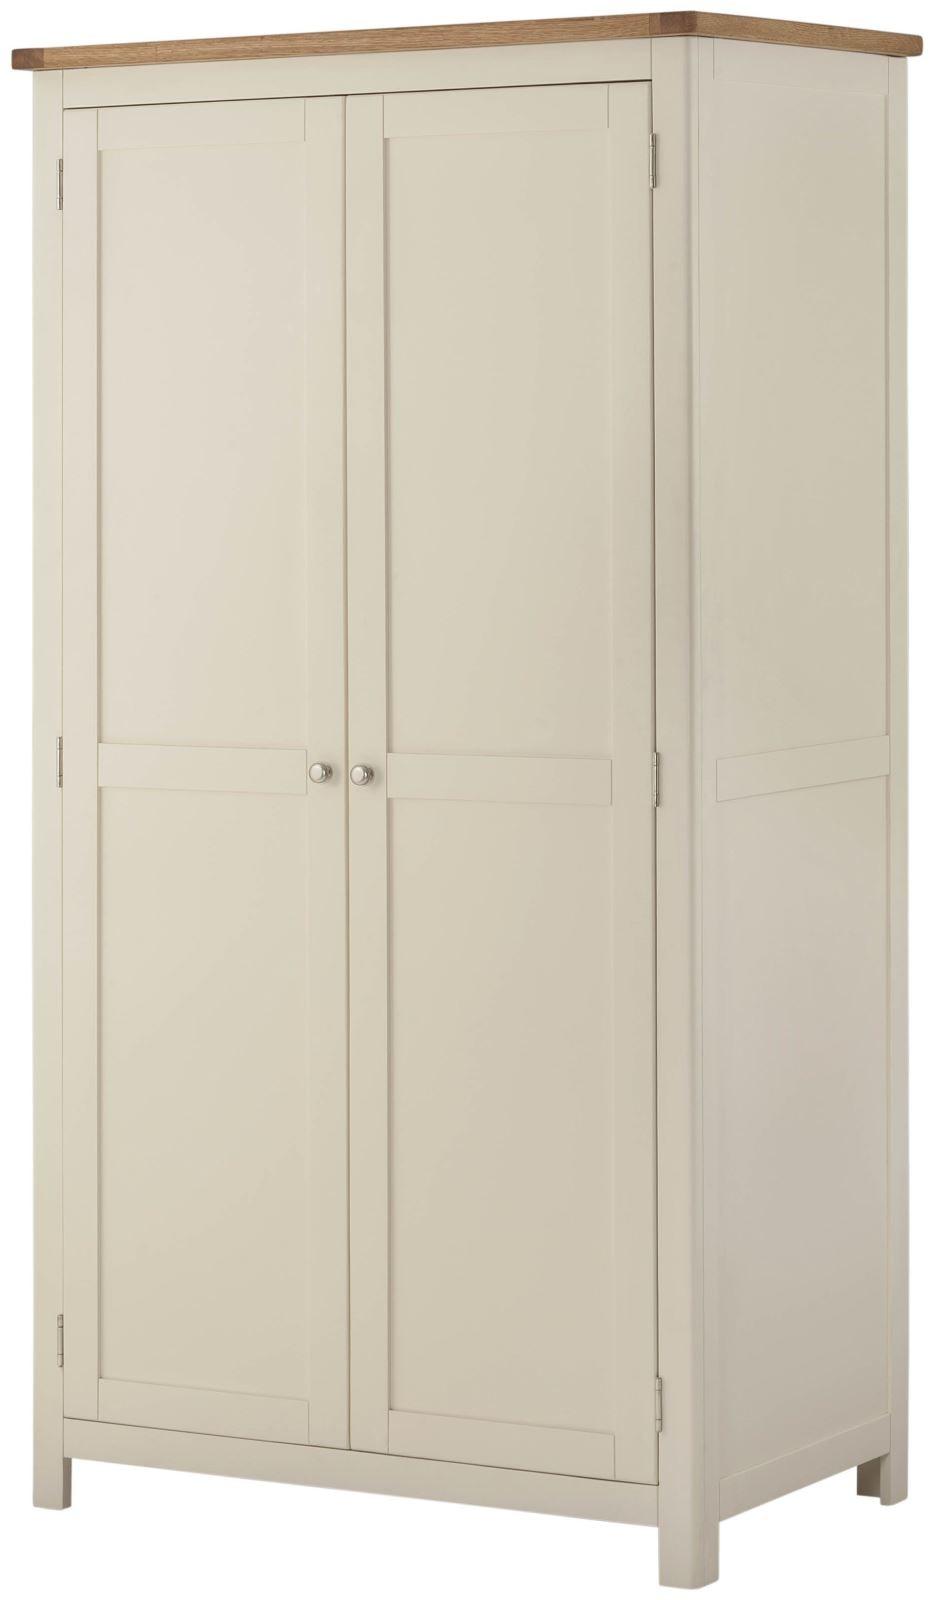 Portland Cream 2 Door Wardrobe